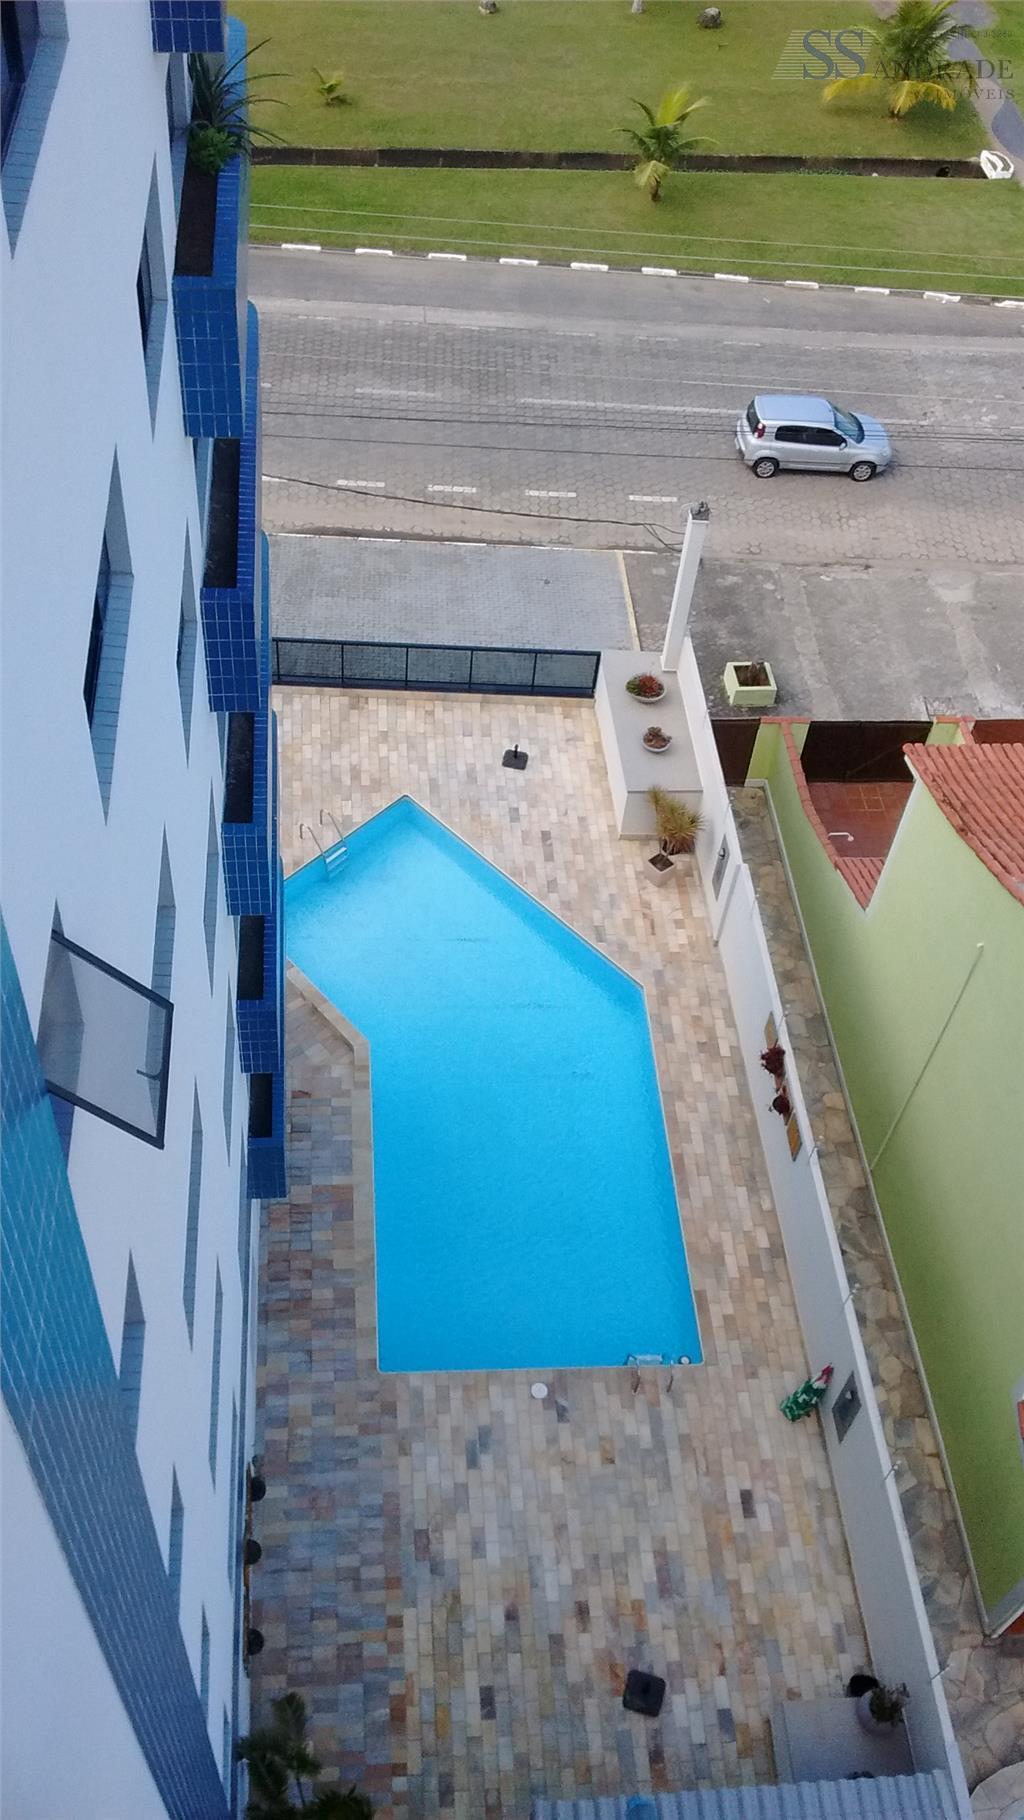 cobertura com 150m² de área construída e 185m² de área total, possui 02 dorm (01 suíte),...